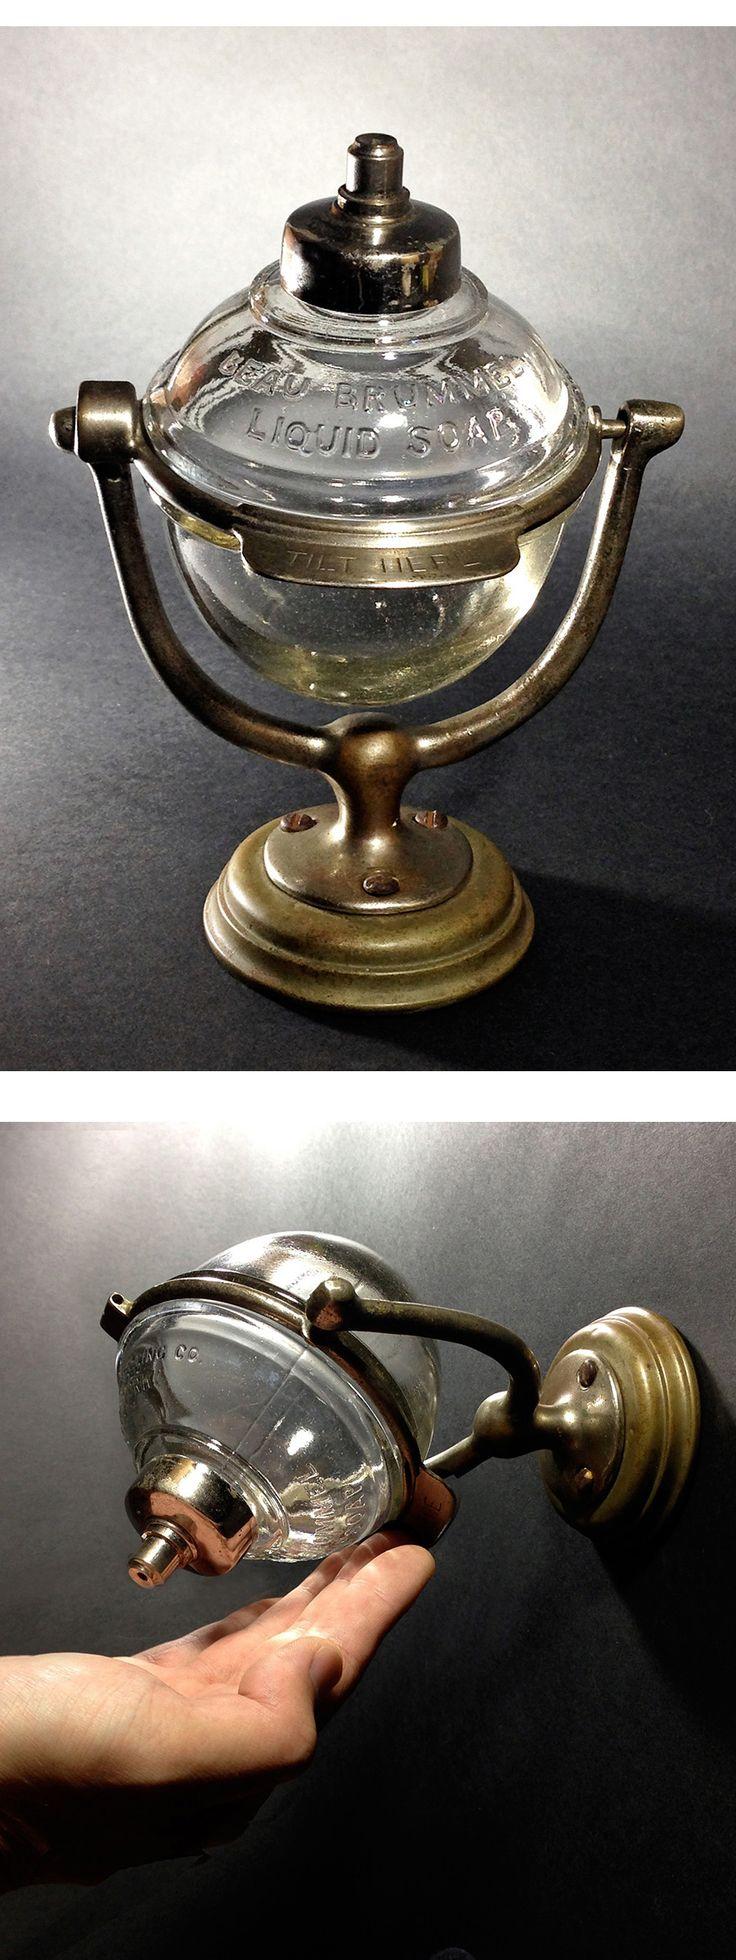 1910'sアンティークガラスソープディスペンサー鏡石鹸照明ランプ - ヤフオク!